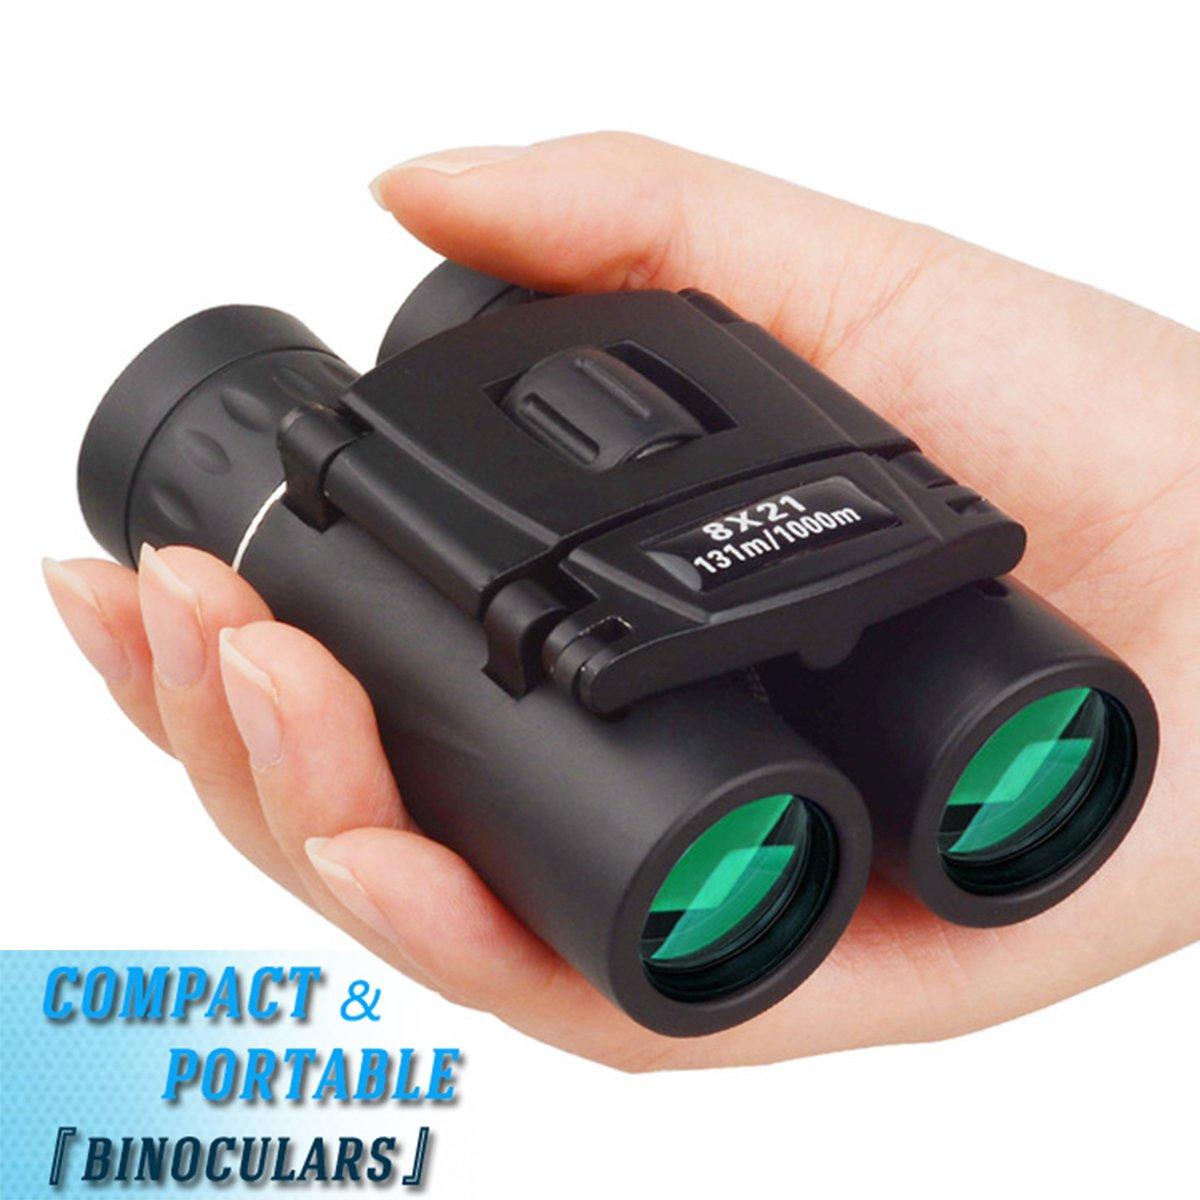 8 x 21コンパクト双眼鏡for大人用子供用、軽量ミニ双眼鏡ポケット付き旅行ハイキングBird Watching、シアター&コンサート B07DZY9VYV